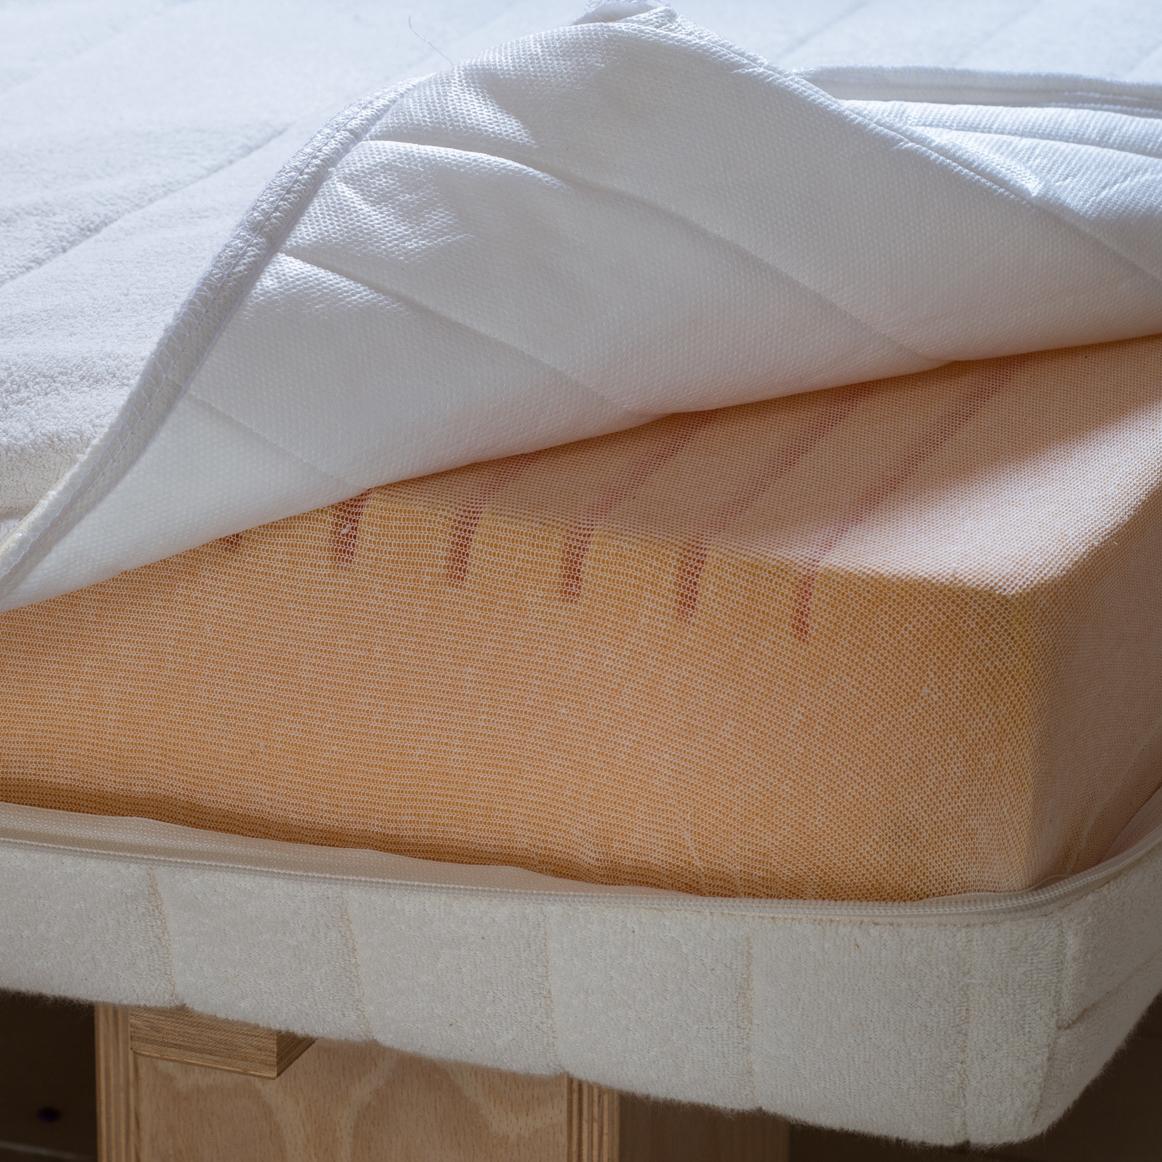 tojo matratze ergo bei. Black Bedroom Furniture Sets. Home Design Ideas